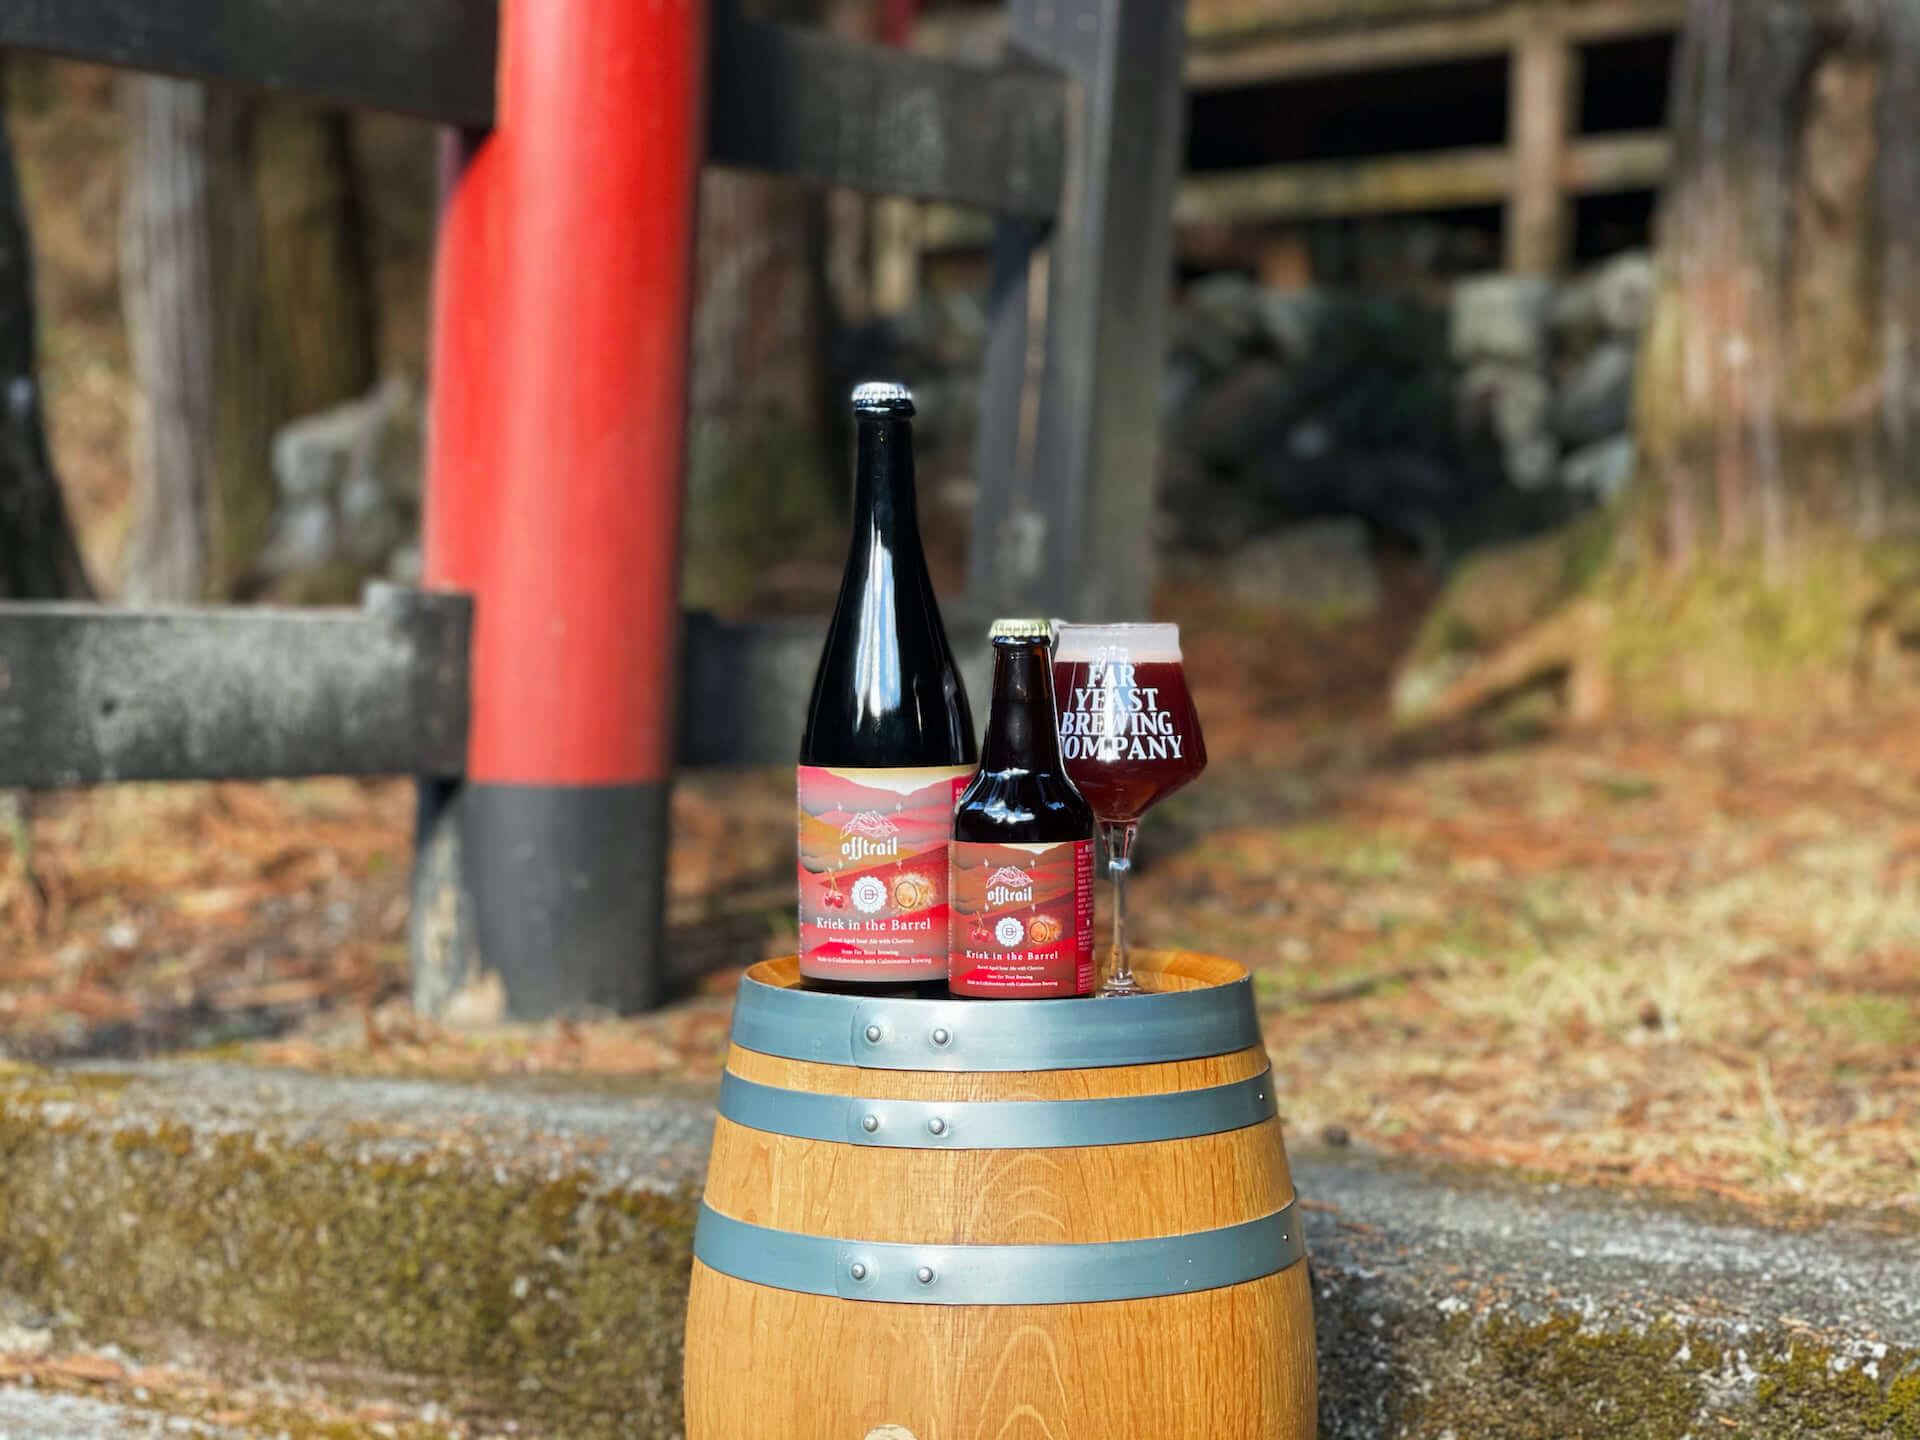 チェリーやオーク樽の香りを楽しめる新ビール『Kriek in the Barrel』が発売決定!「Off Trail」と「Culmination Brewing」が再びコラボ gourmet210208_culminationbrewing_1-1920x1440